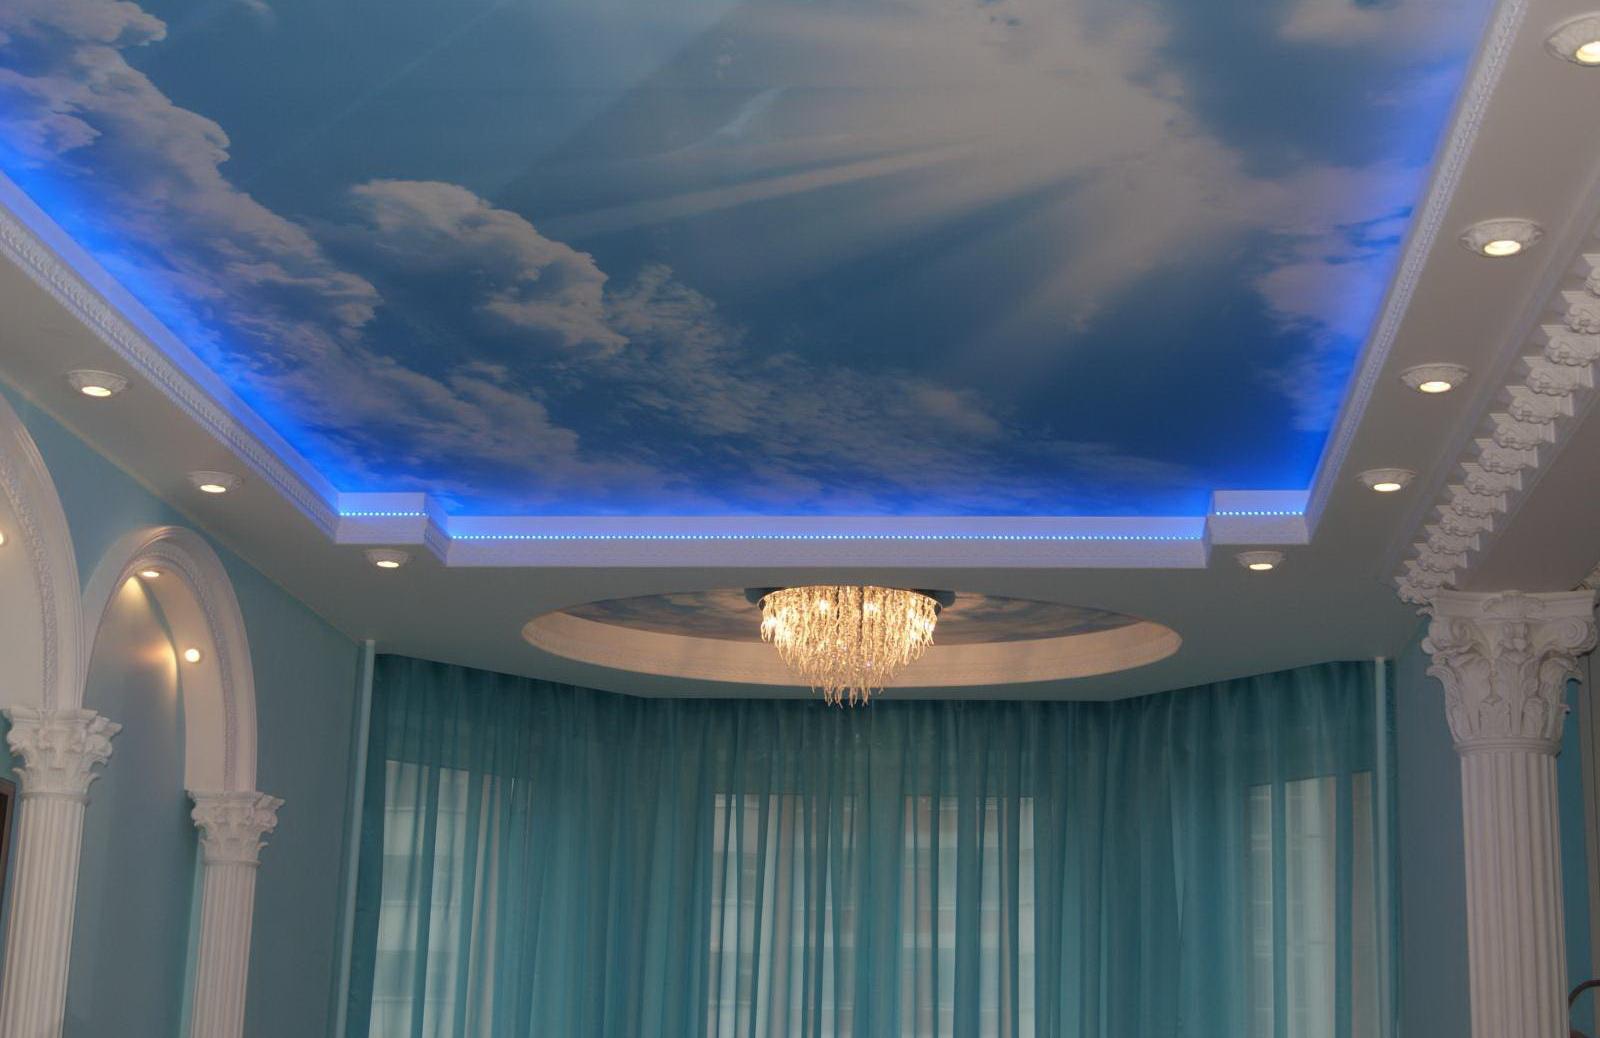 гипсокартонный потолок цена за м2 с работой